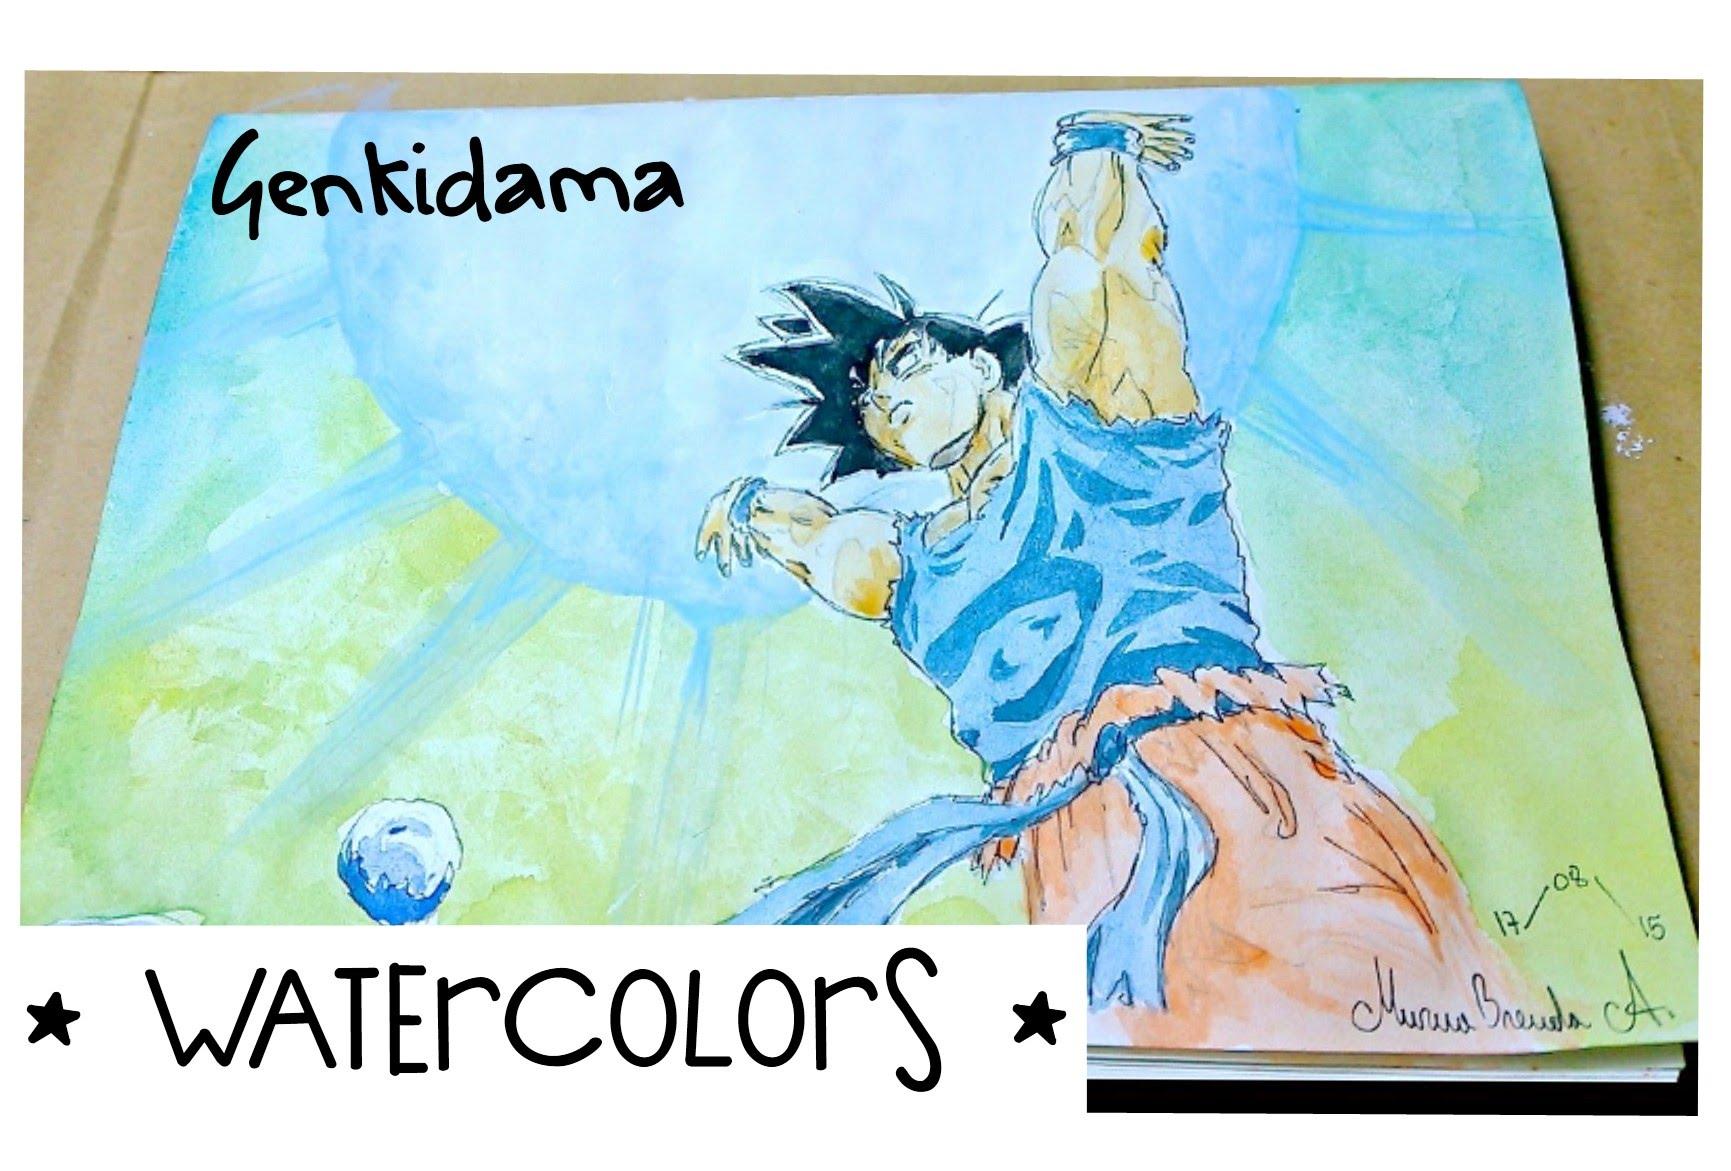 1731x1171 Watercolors Genkidama Dragon Ball Z Kai (Timelapse 1080phd